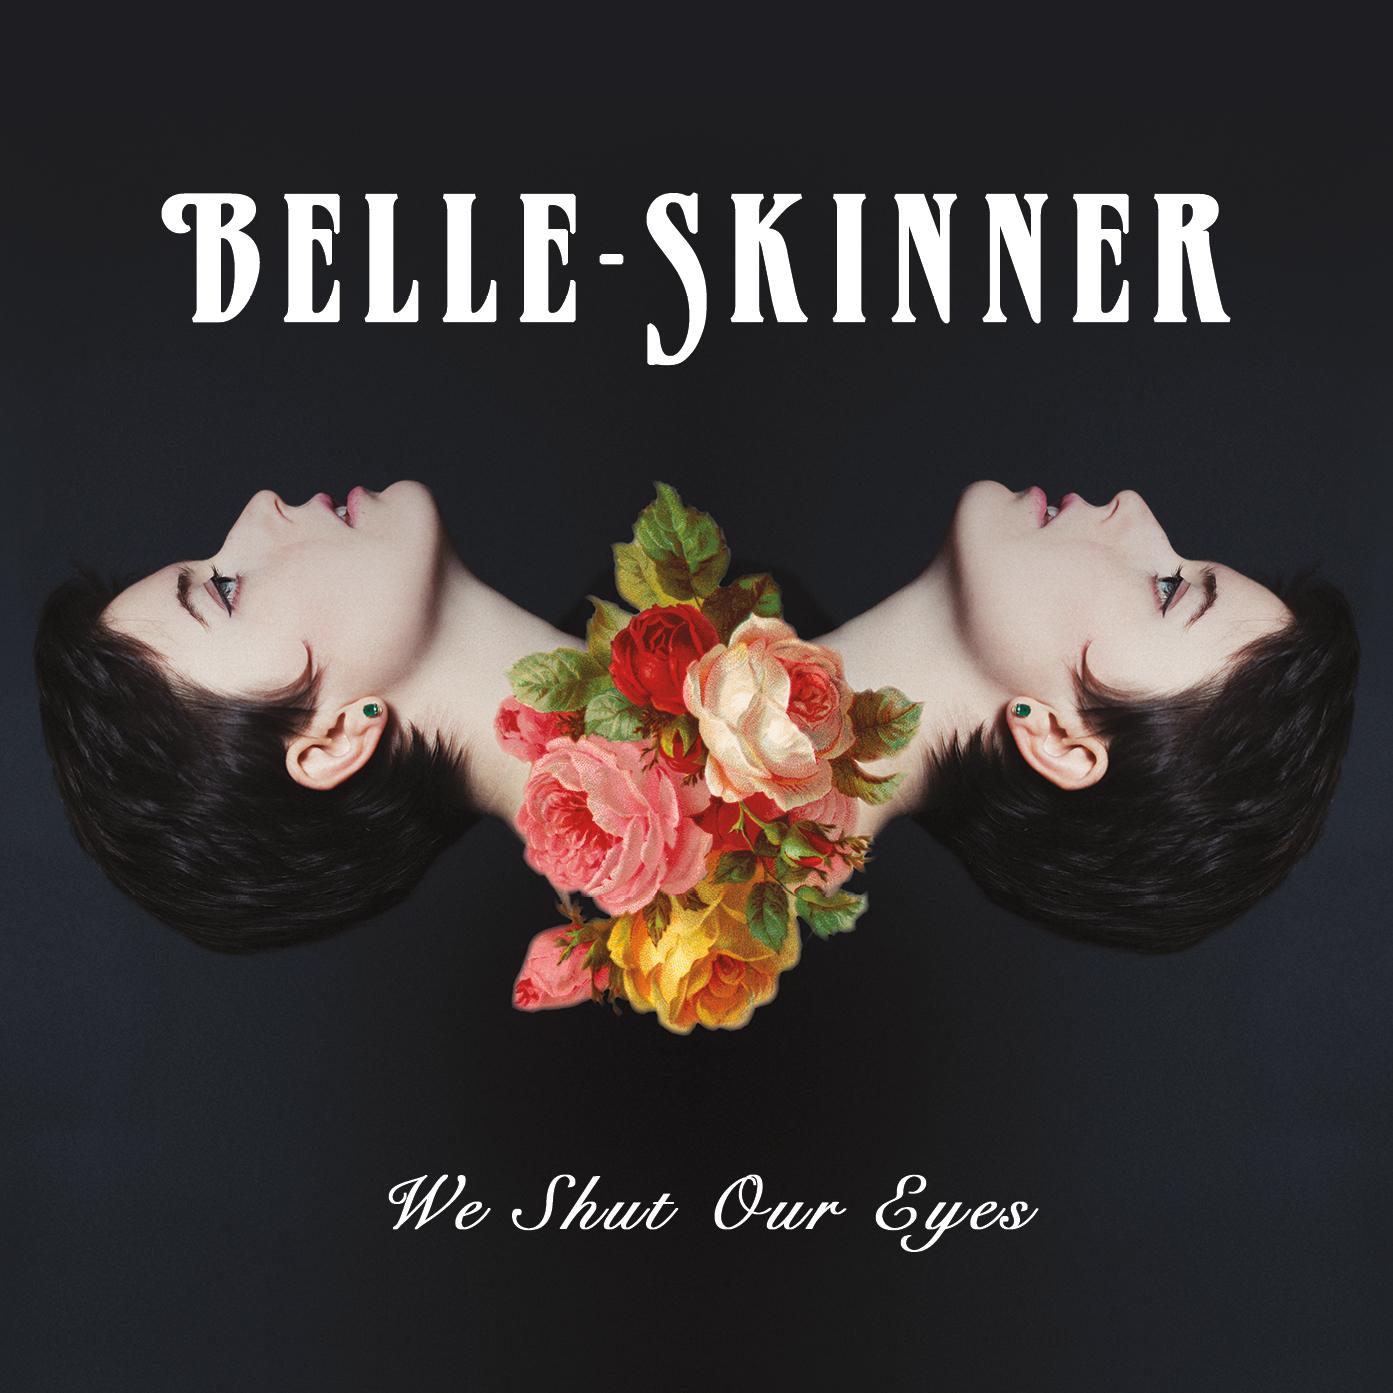 Belle-Skinner